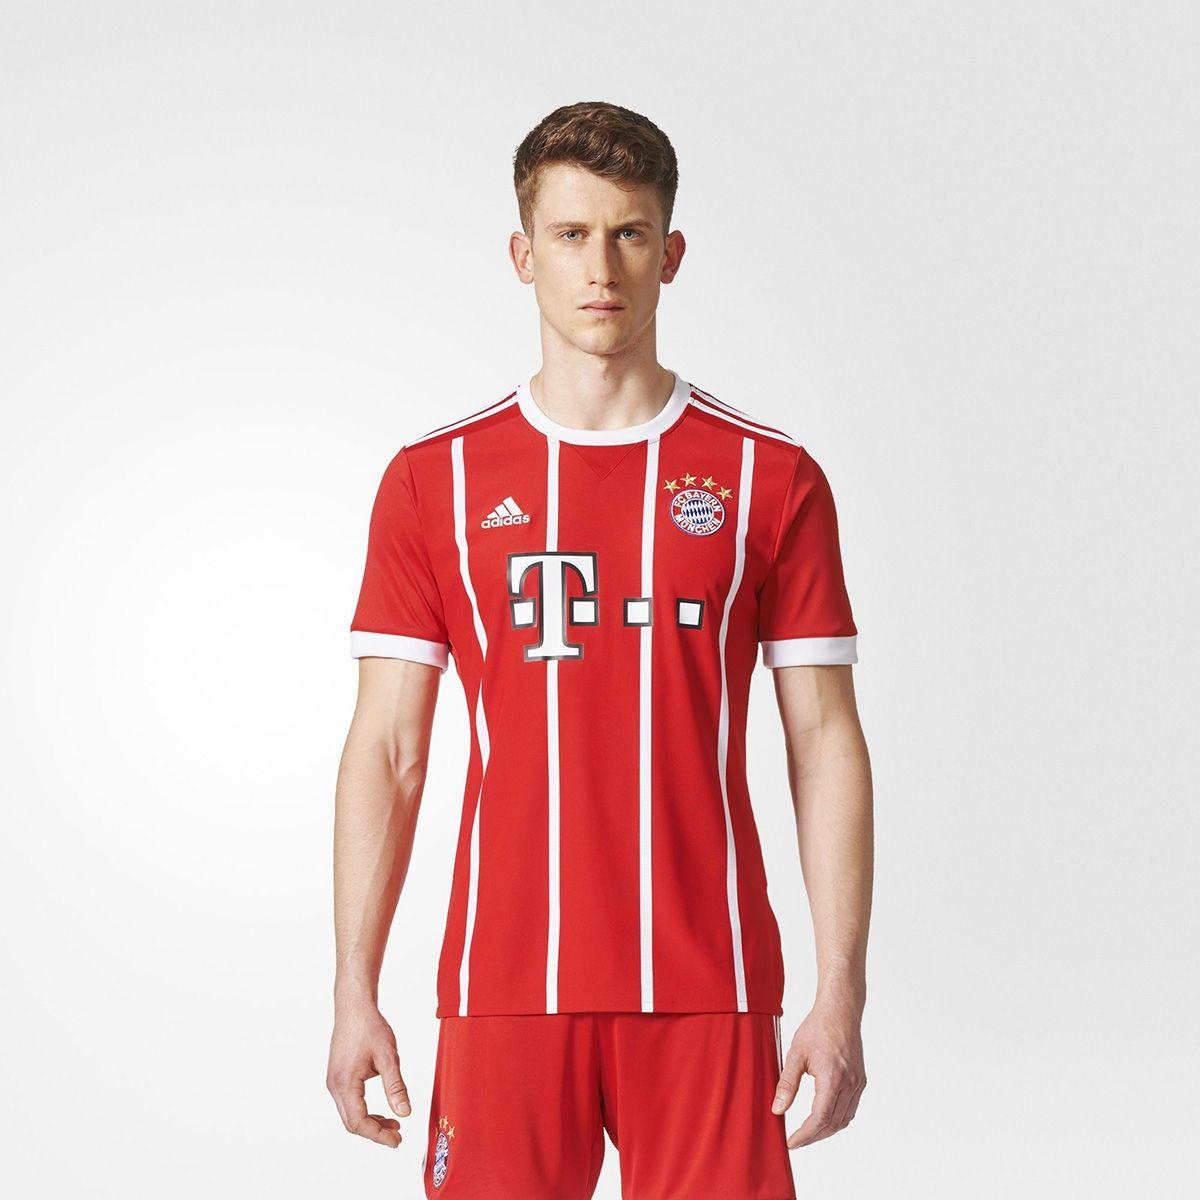 adidas FC Bayern Munich Replica Jersey